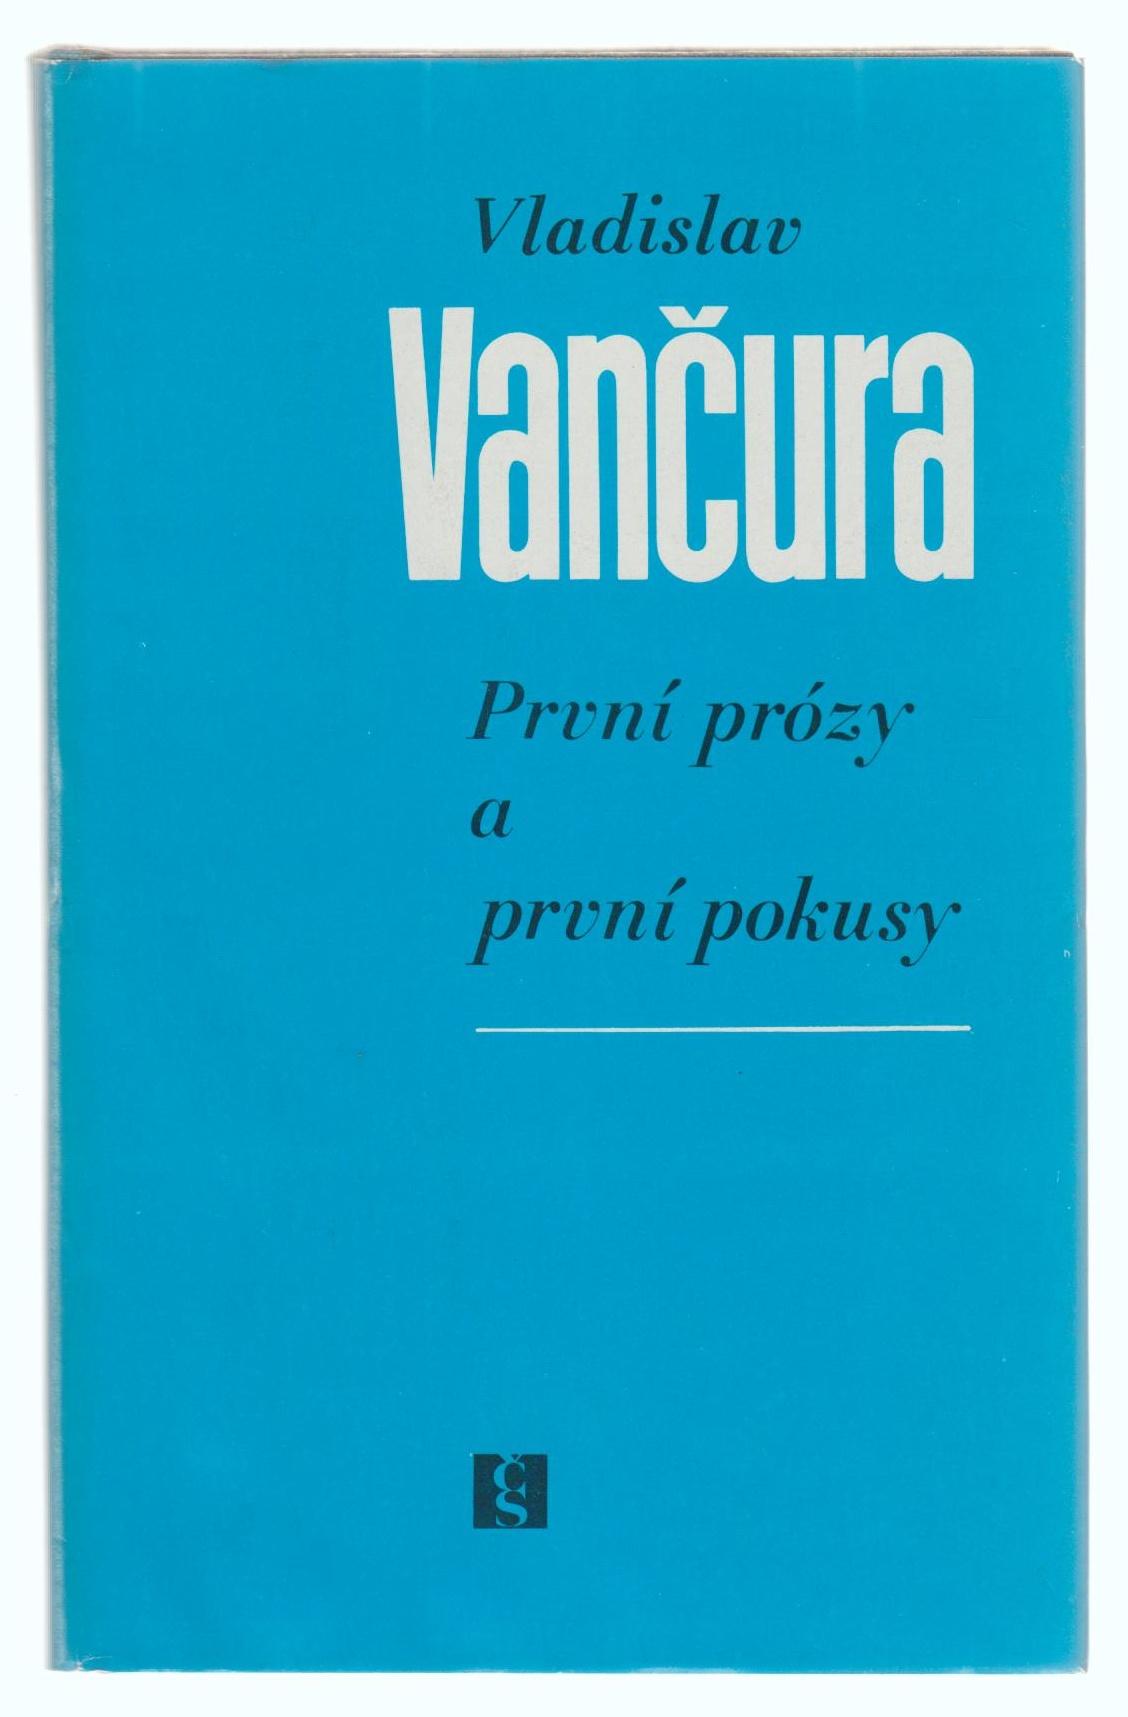 První prózy a první pokusy - Vladislav Vančura